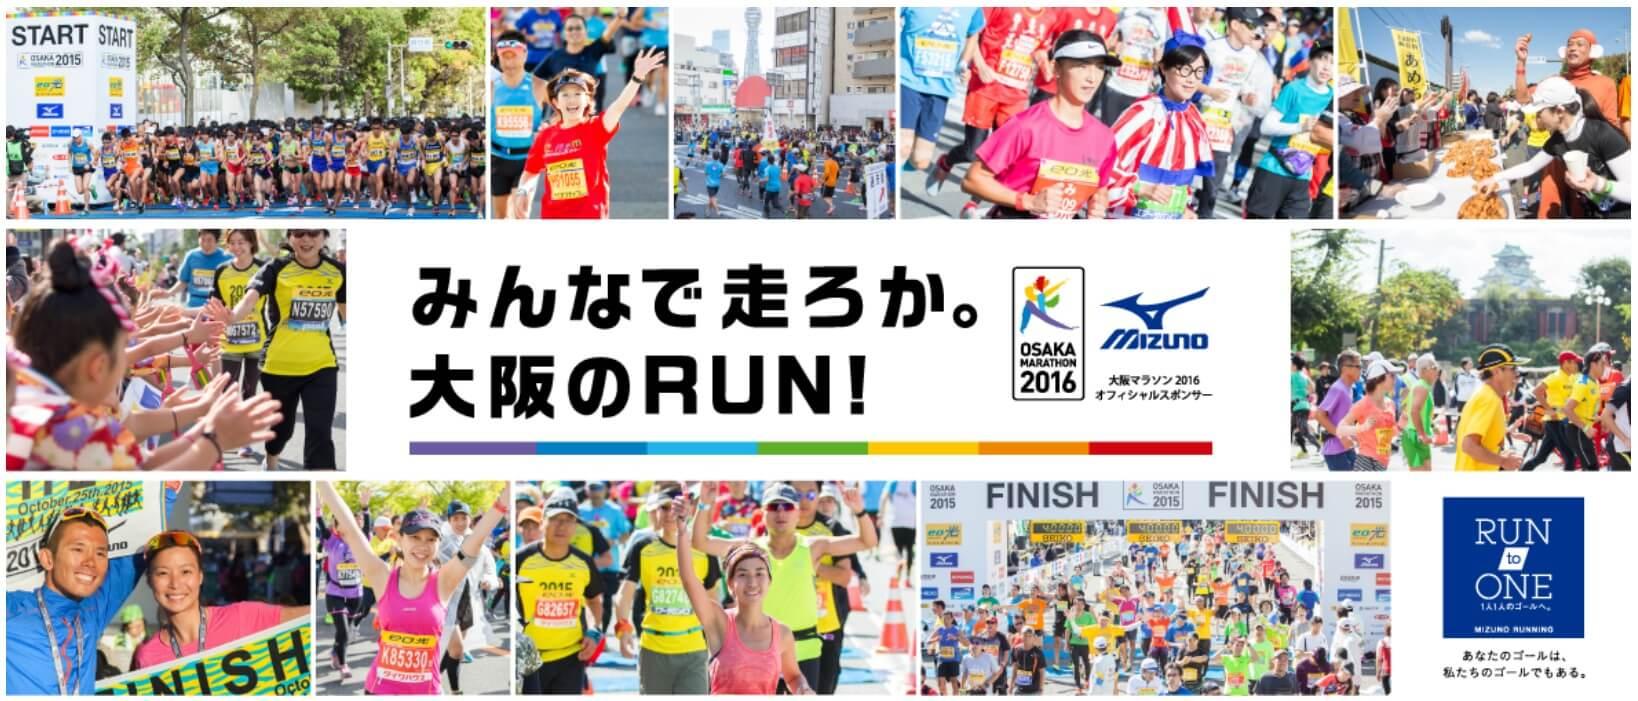 大阪・神戸・奈良マラソン出場ランナー必見!! 第2弾関西3大マラソン+α 参加者応援キャンペーン開催中です(^^)/